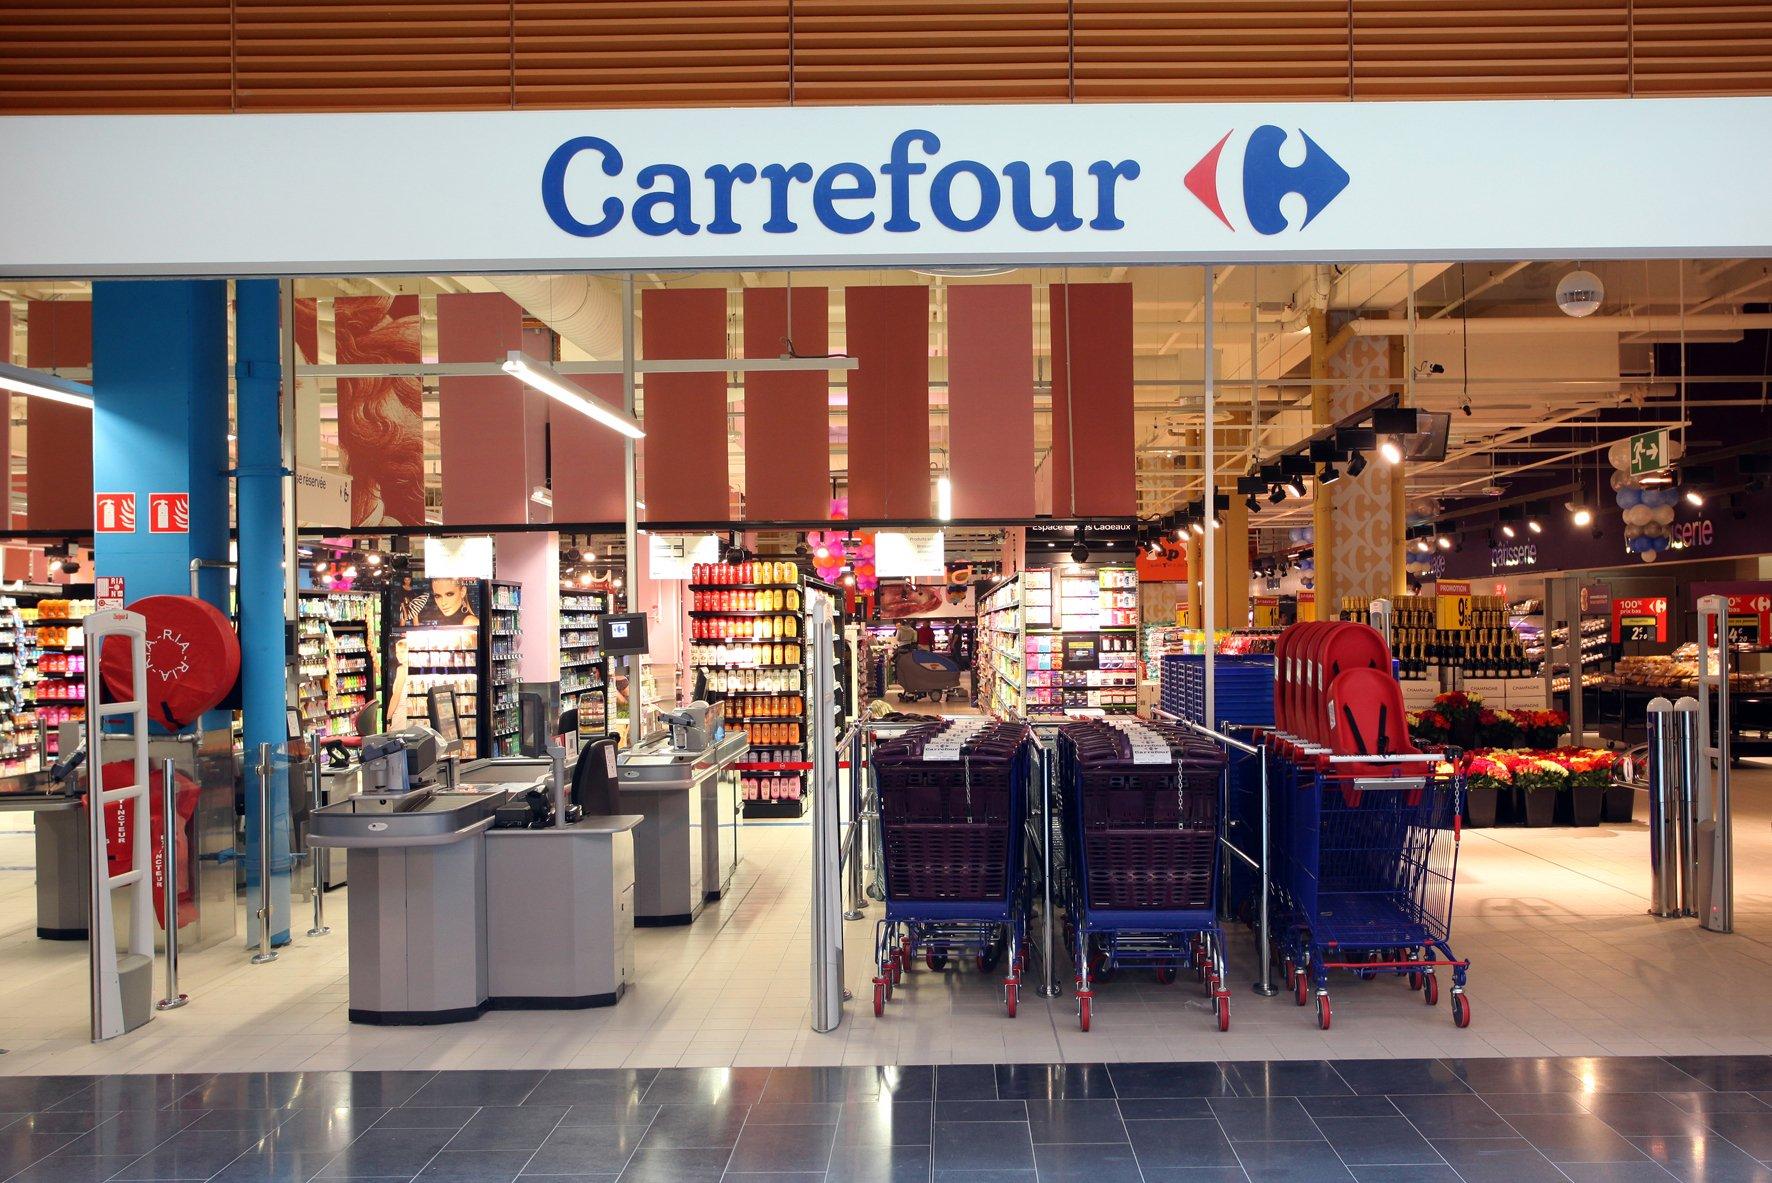 Lavoro In Carrefour Stanno Cercando Personale Per